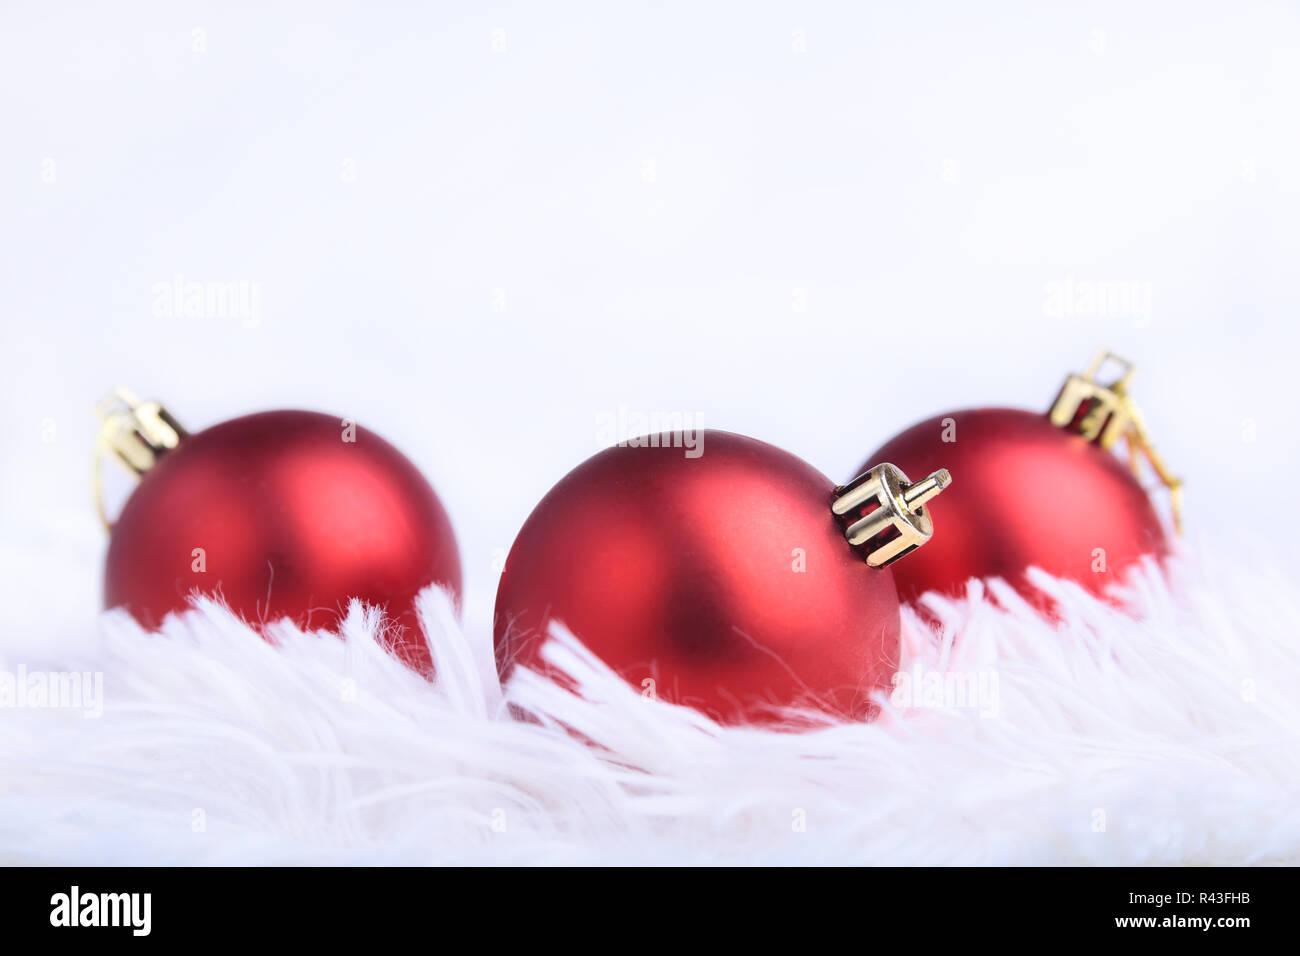 Frohe Weihnachten Band.Weihnachten Hintergrund Mit Roten Ball Und Frohe Weihnachten Band